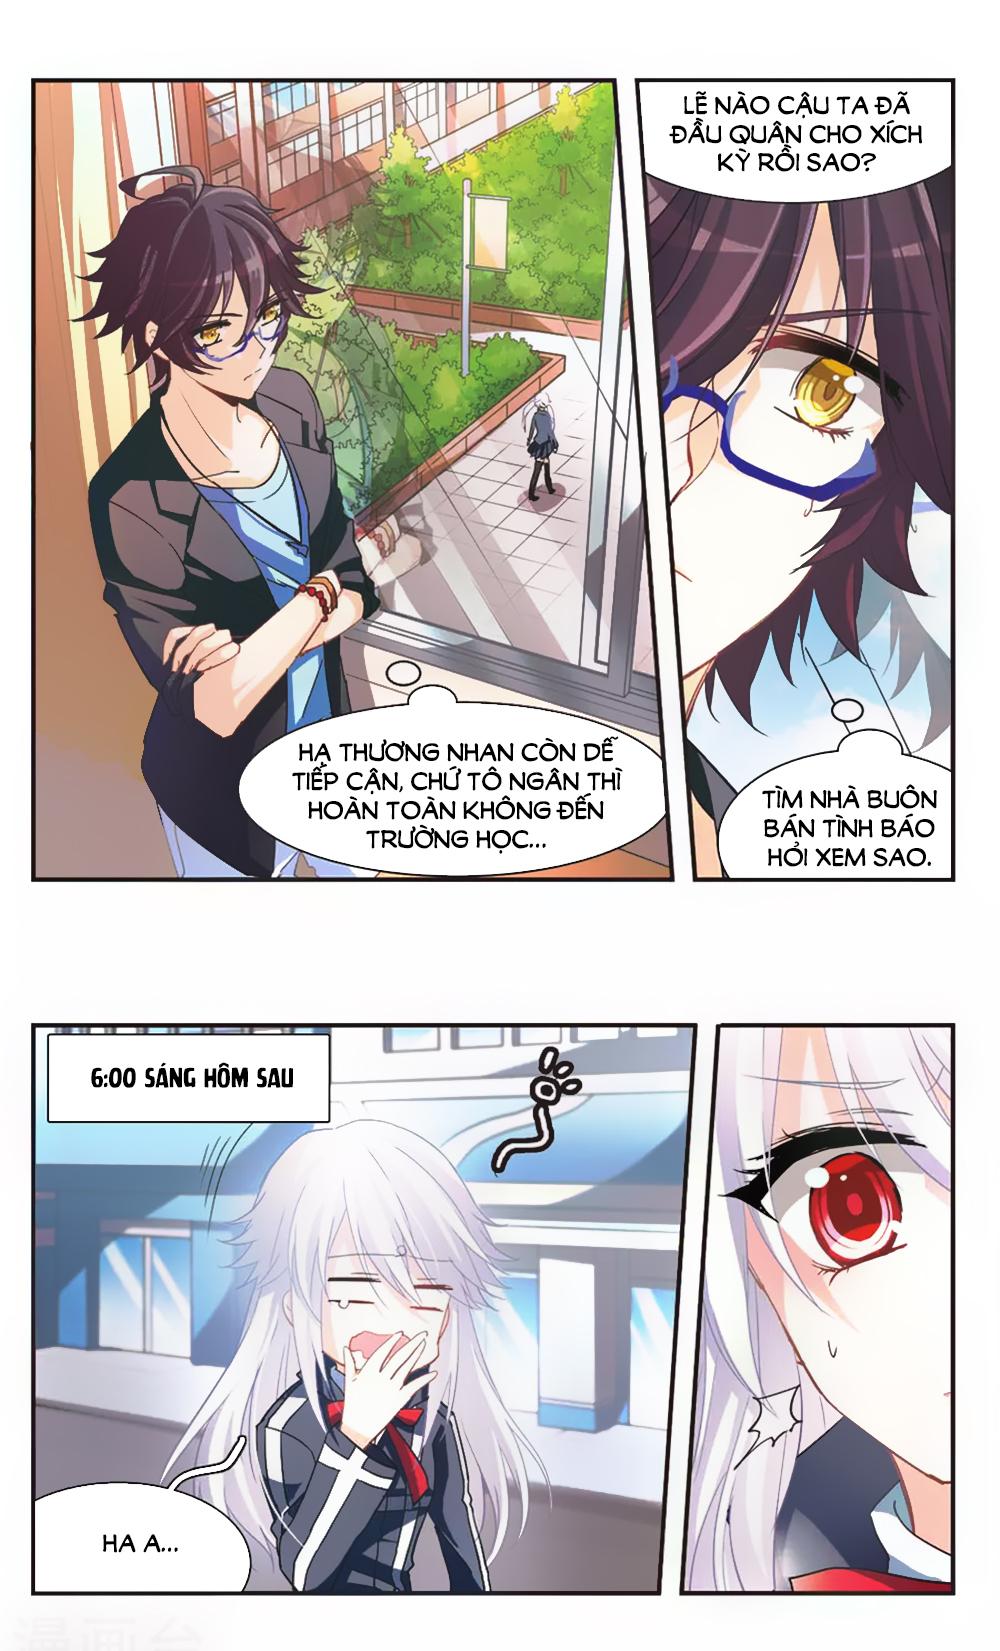 Ám Chi Lạc Ấn chap 71 - Trang 11